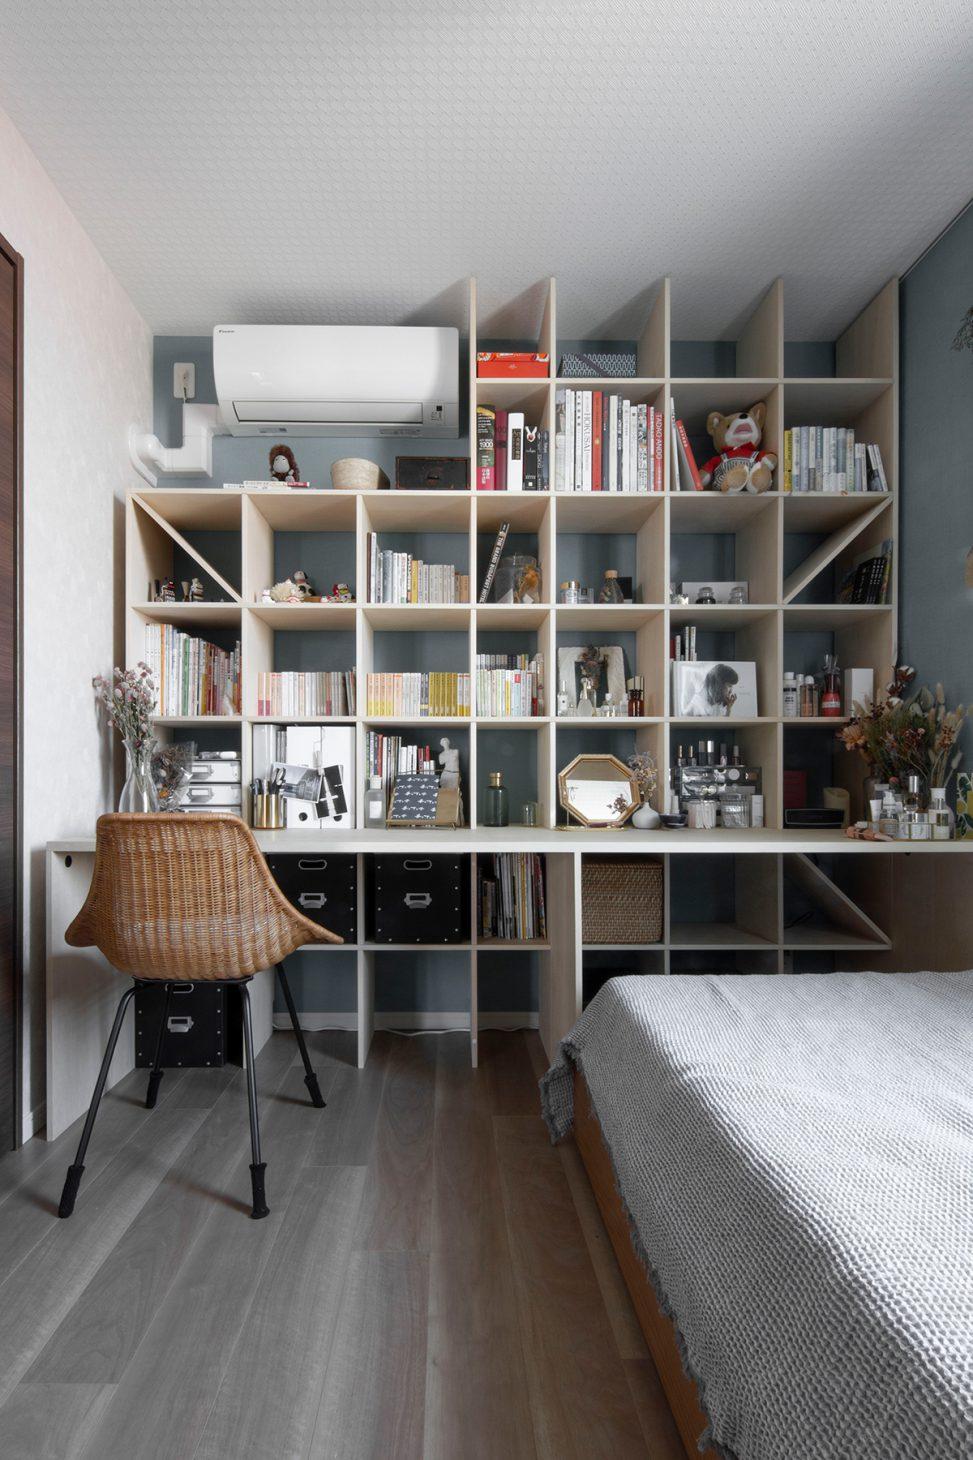 カウンター付き本棚/Shelf(No.25)寝室の本棚